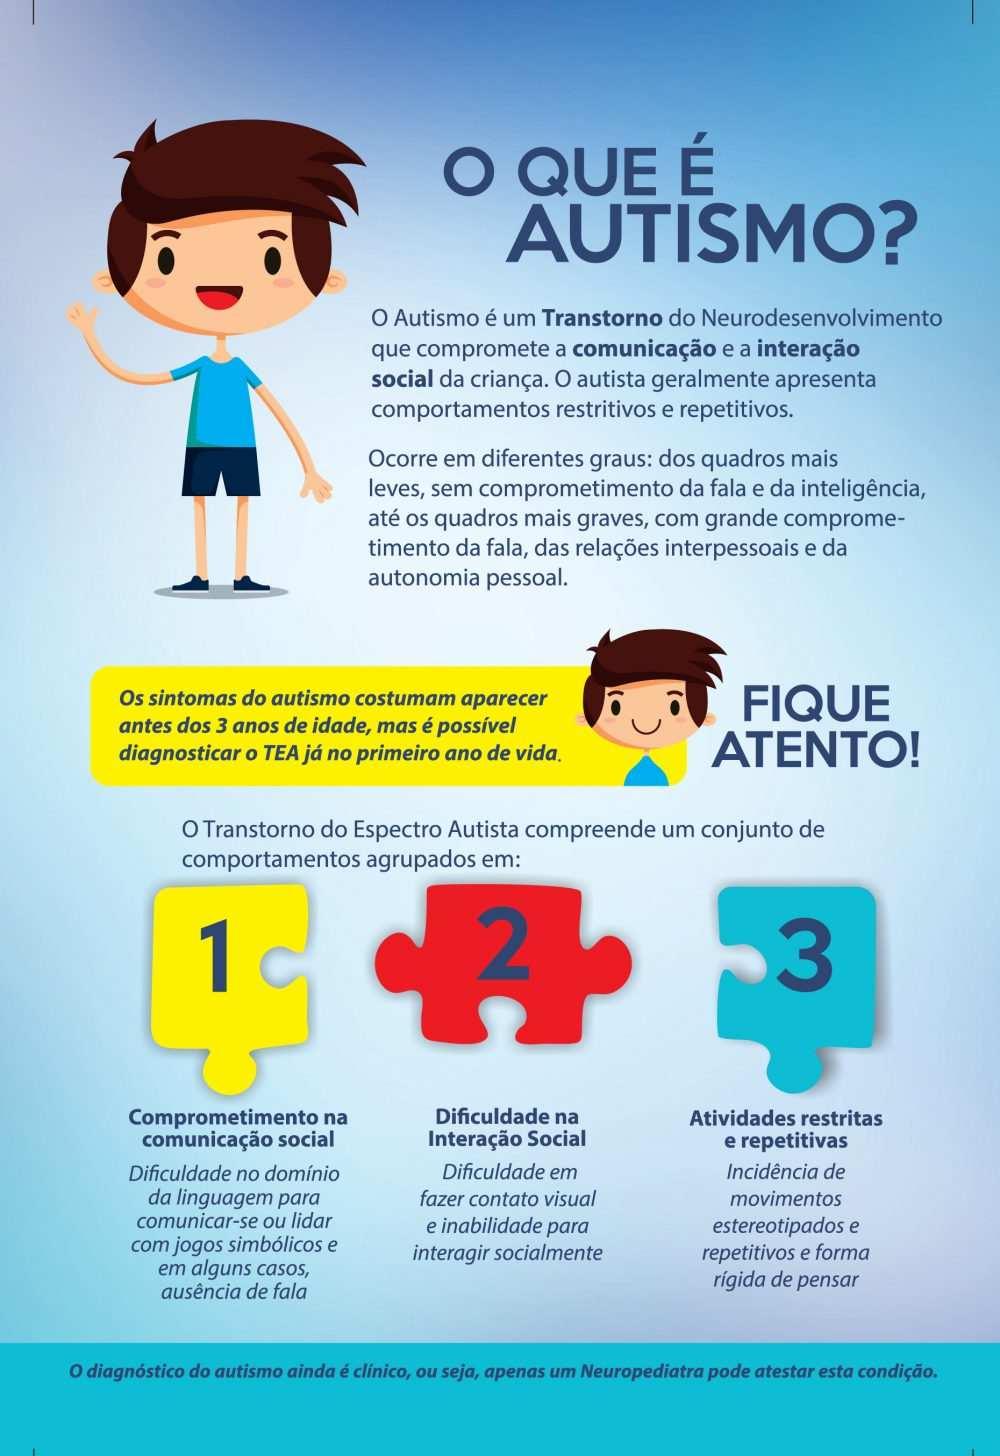 cartaz informando características do autismo